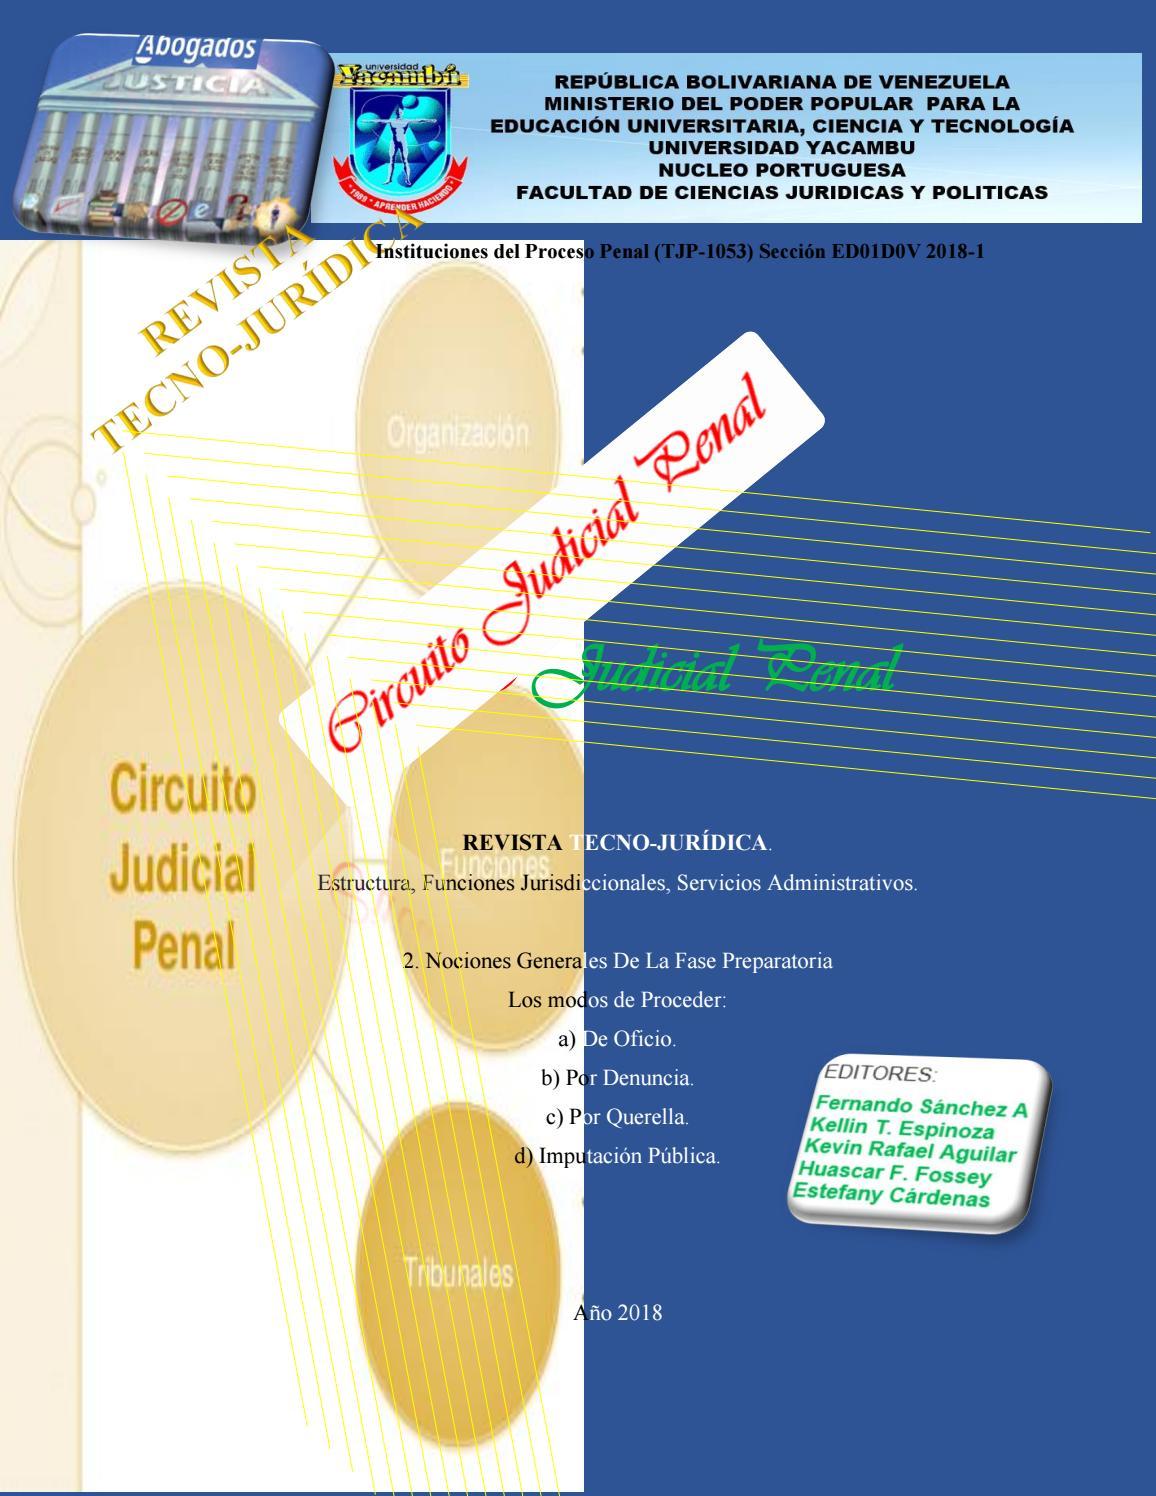 Circuito Judicial : Primer circuito judicial archivos u presidencia de la república de